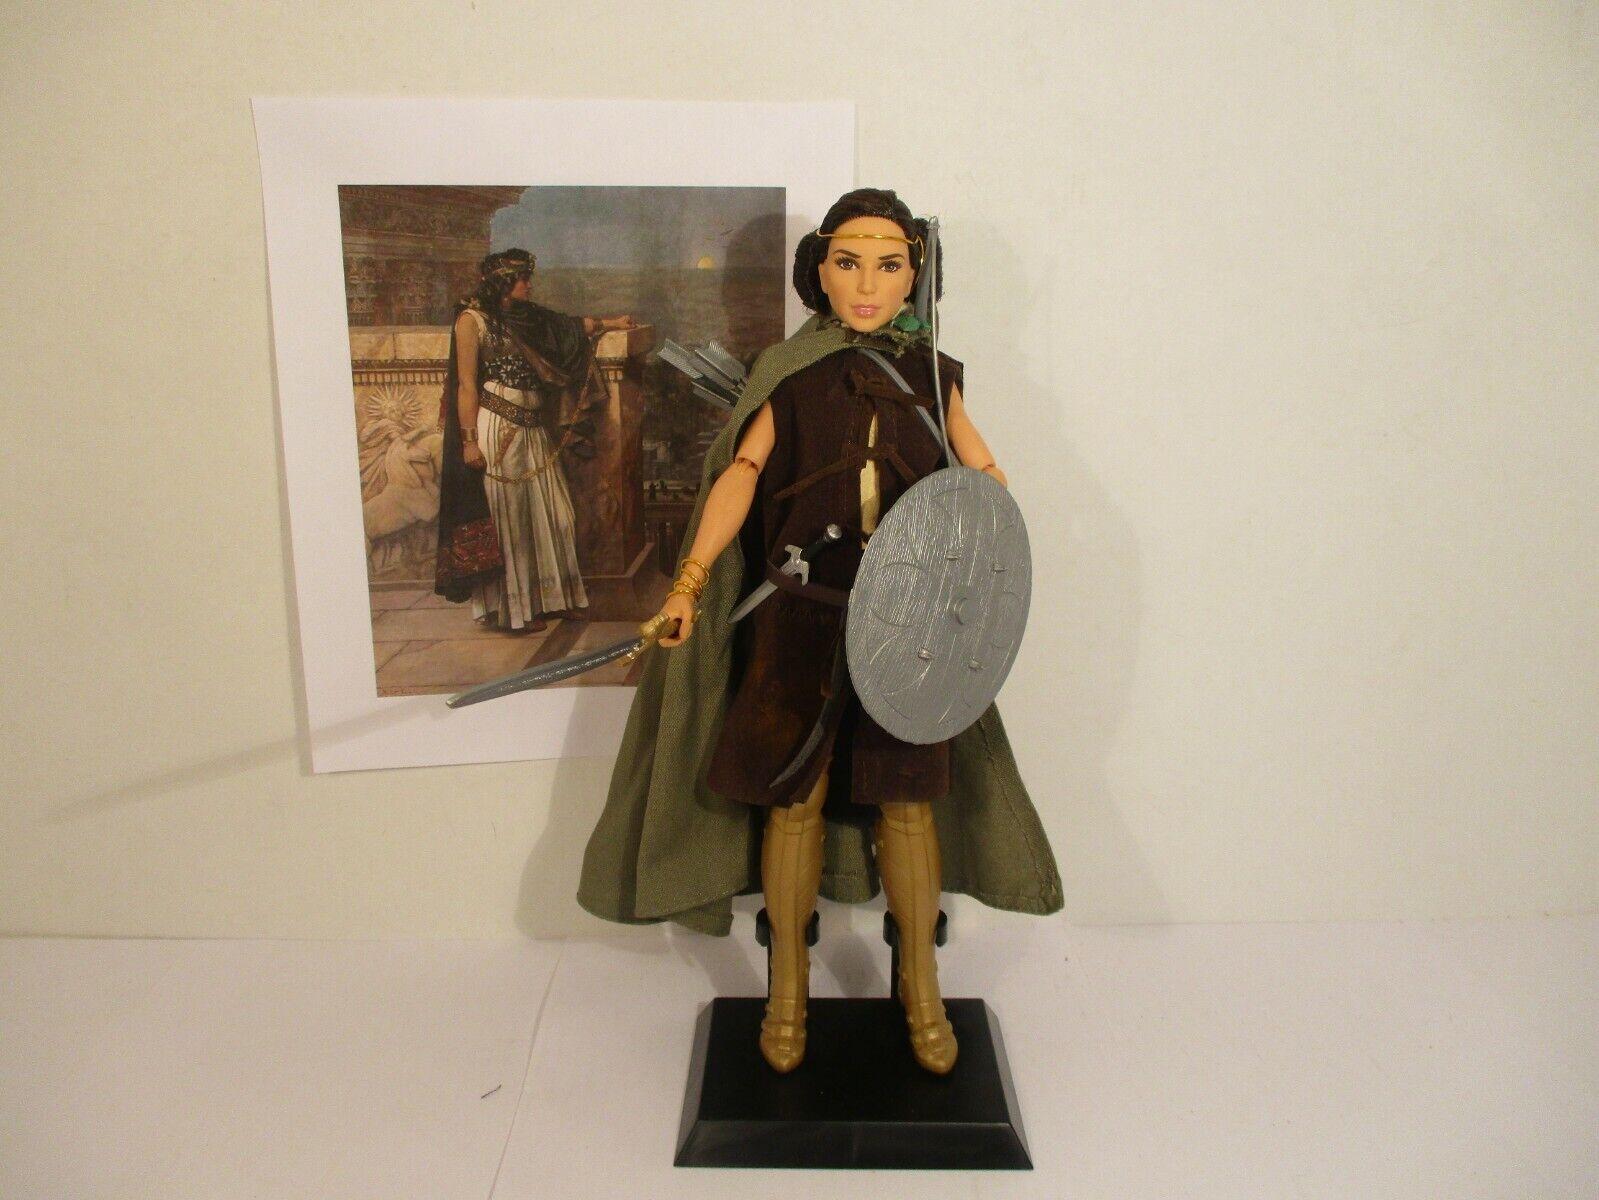 Queen Zenobia Zenobia Zenobia Palmyrene Empire Egypt warrior queen 11  1 6 scale figure 4e67d5